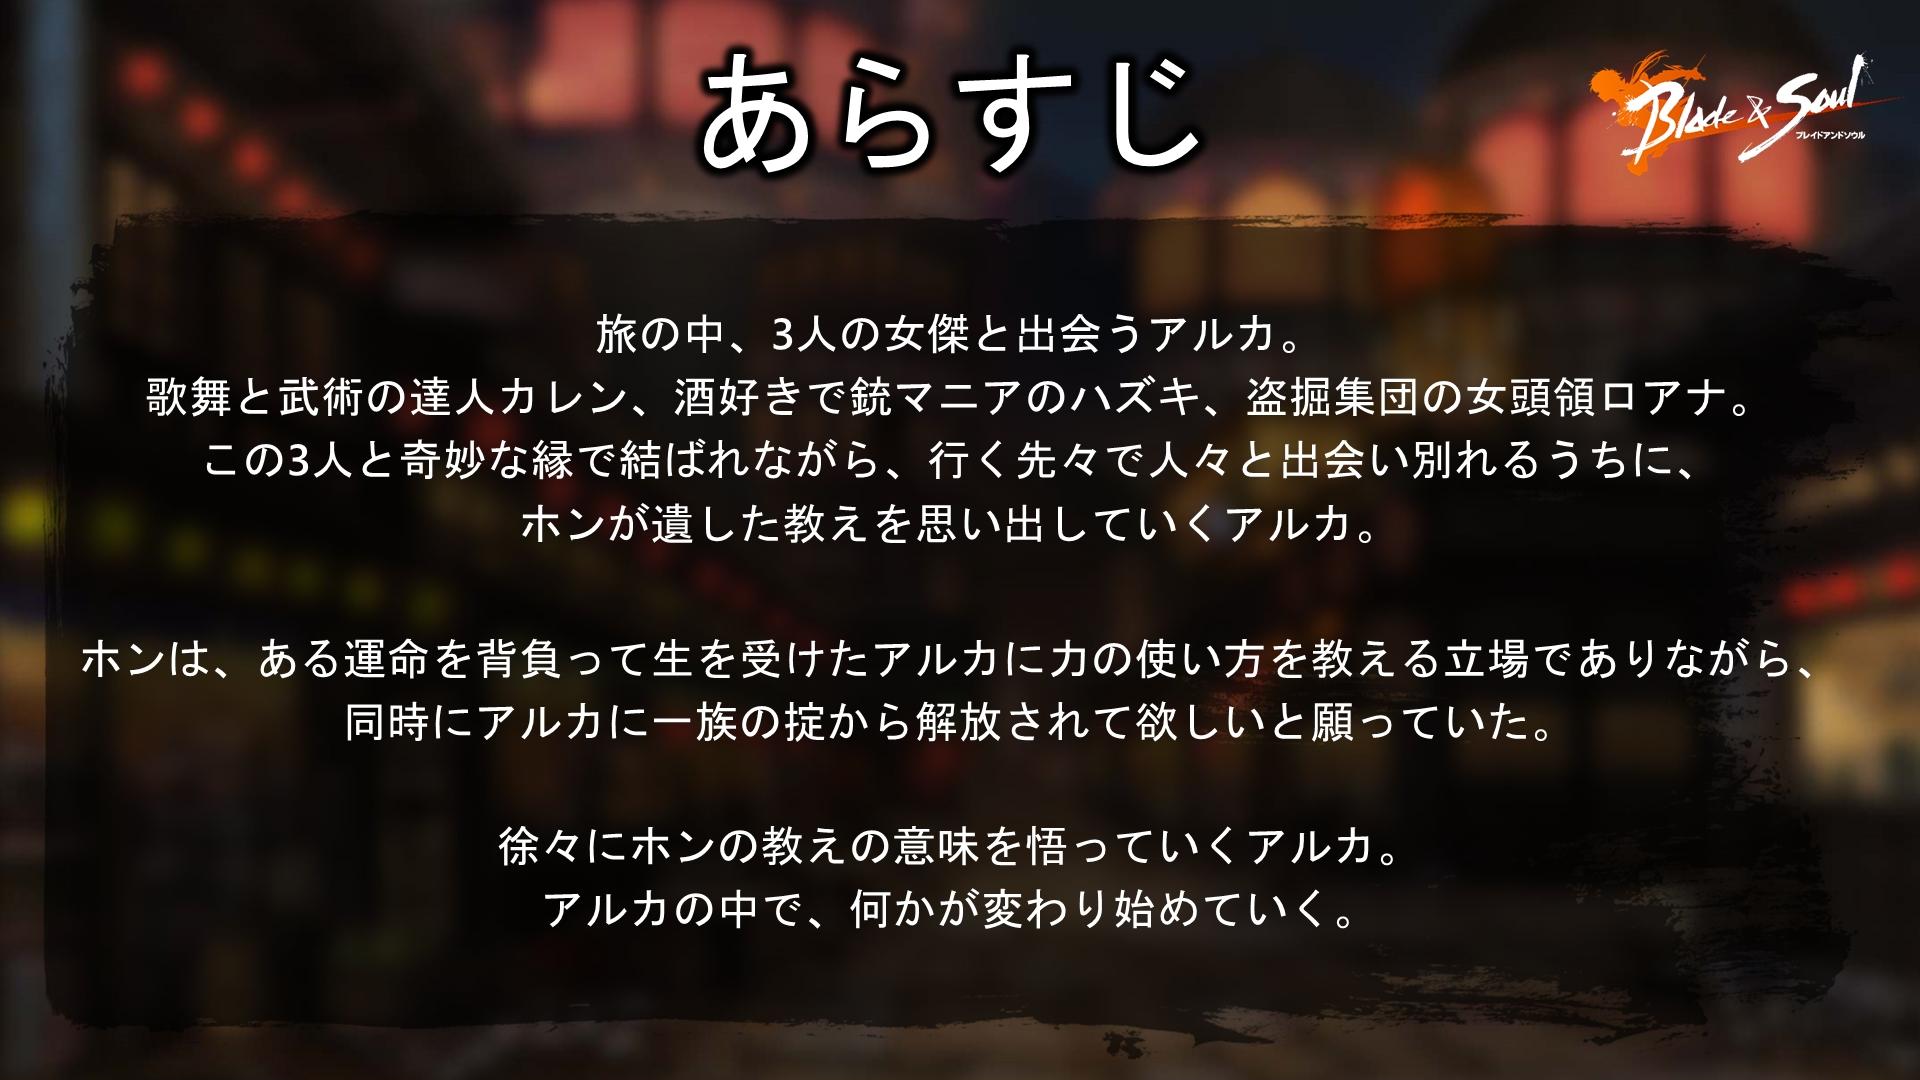 発表会ではアニメ版のストーリー紹介等もあった。アニメでは、「アルカ」と「ジン・ヴァレル」をヒロインとしたストーリーが展開される。「アルカ」は暗殺集団「釼一族」の者で、師匠を殺された復讐の為に旅をするも、「ジン・ヴァレル」に濡れ衣を着せられ帝国に追われる身となる